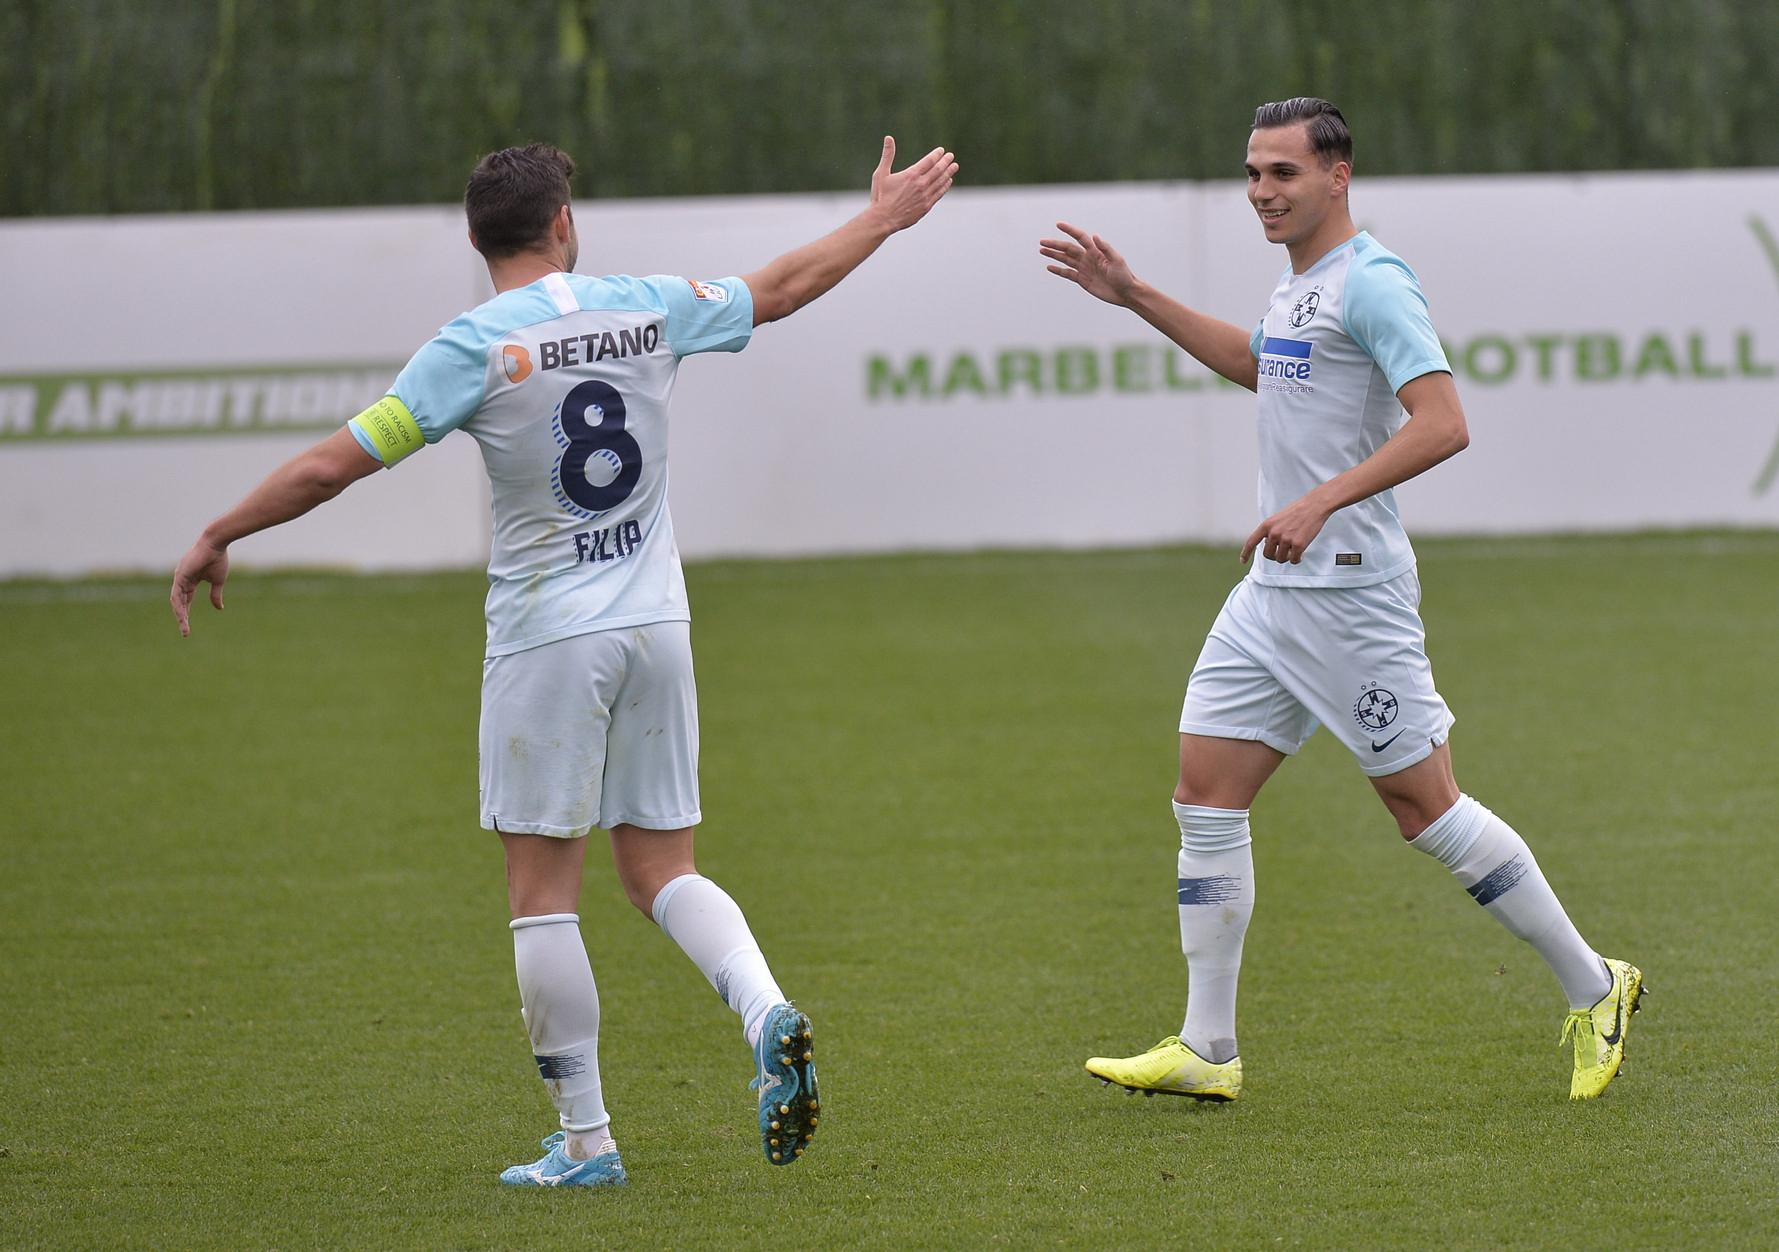 FCSB - FC LOKOMOTIV 3-3